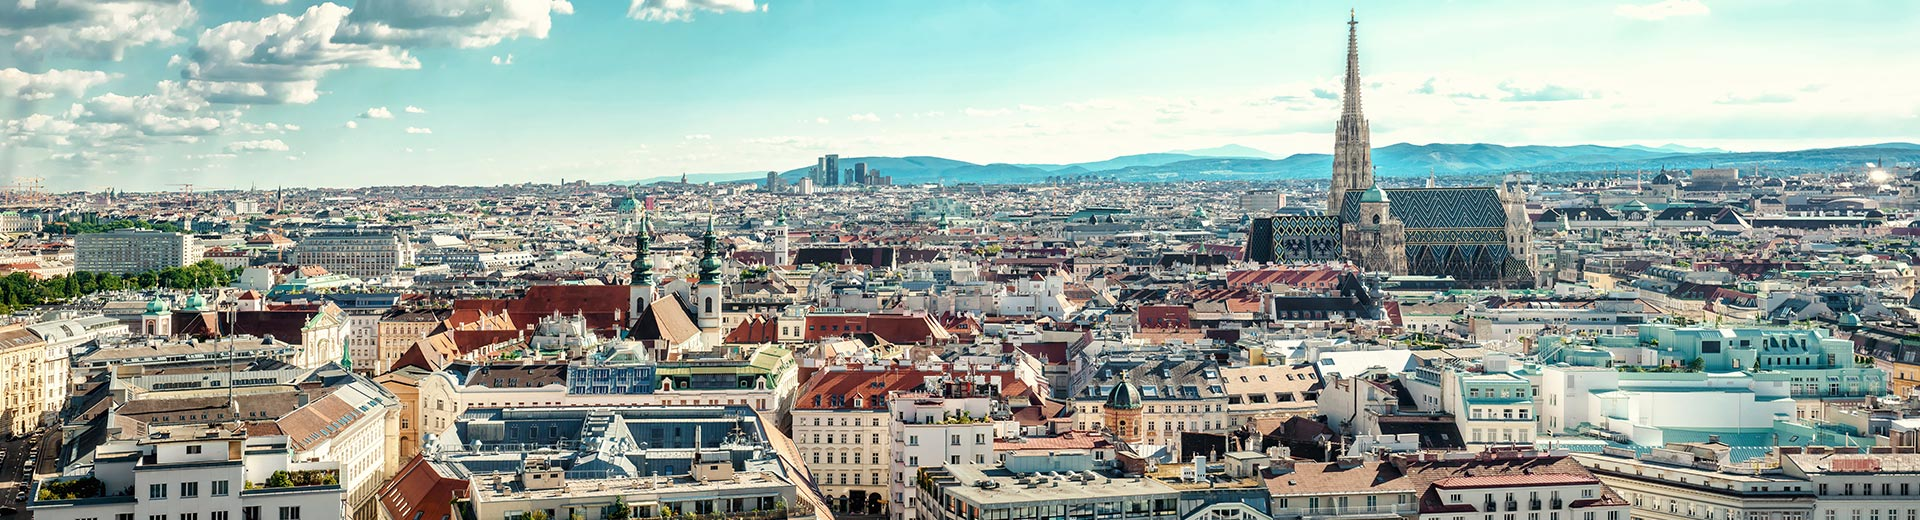 Gruppenreise Wien - Package Gruppen Classic Flug